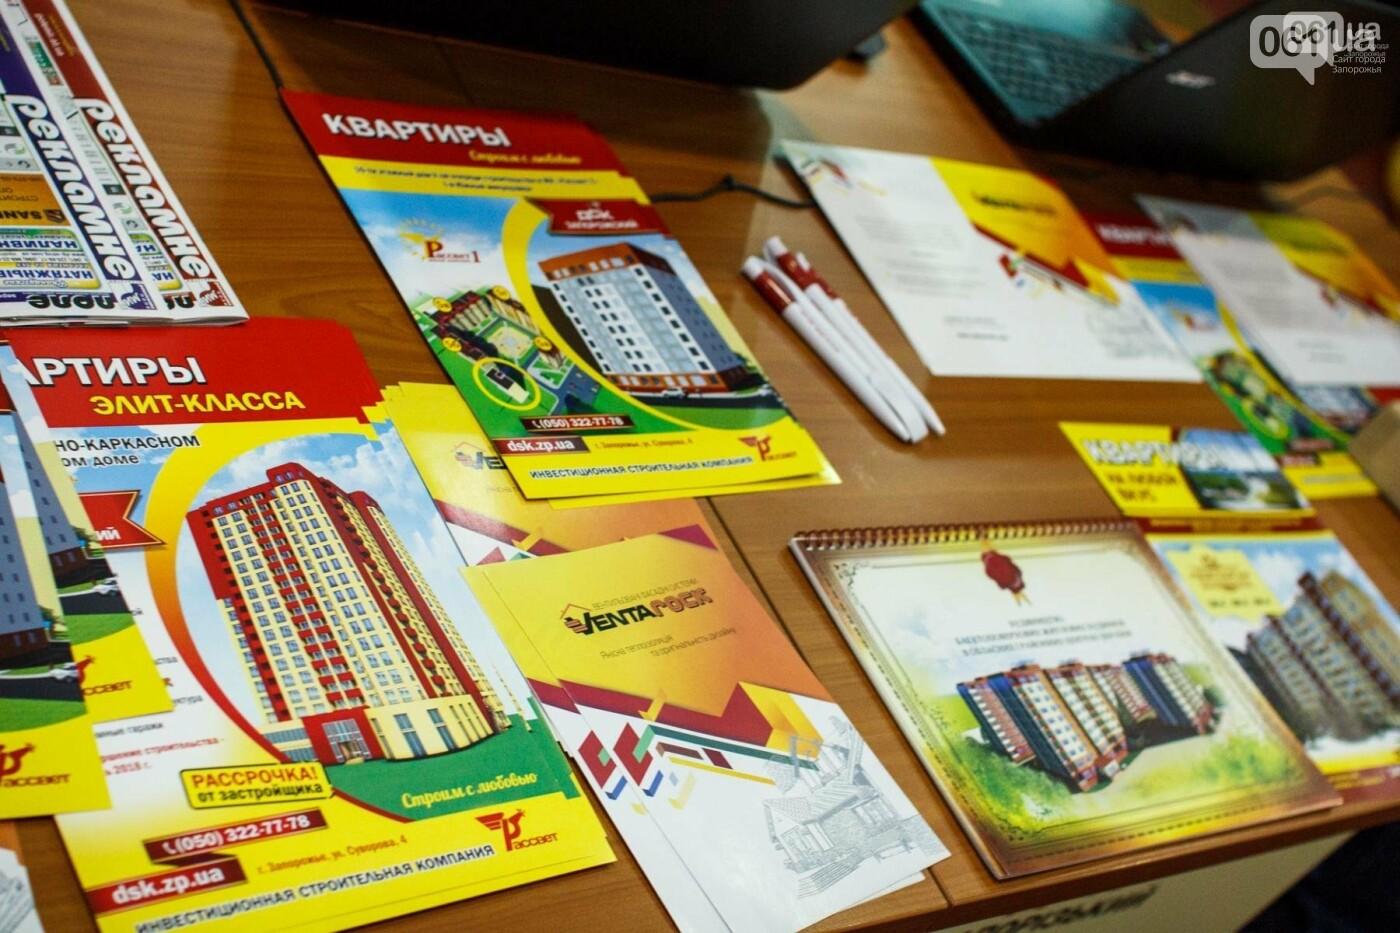 «Домик твоей мечты»: Запорожский домостроительный комбинат вместе с Фондом молодежного строительства объявляет конкурс детского рисунка, фото-1